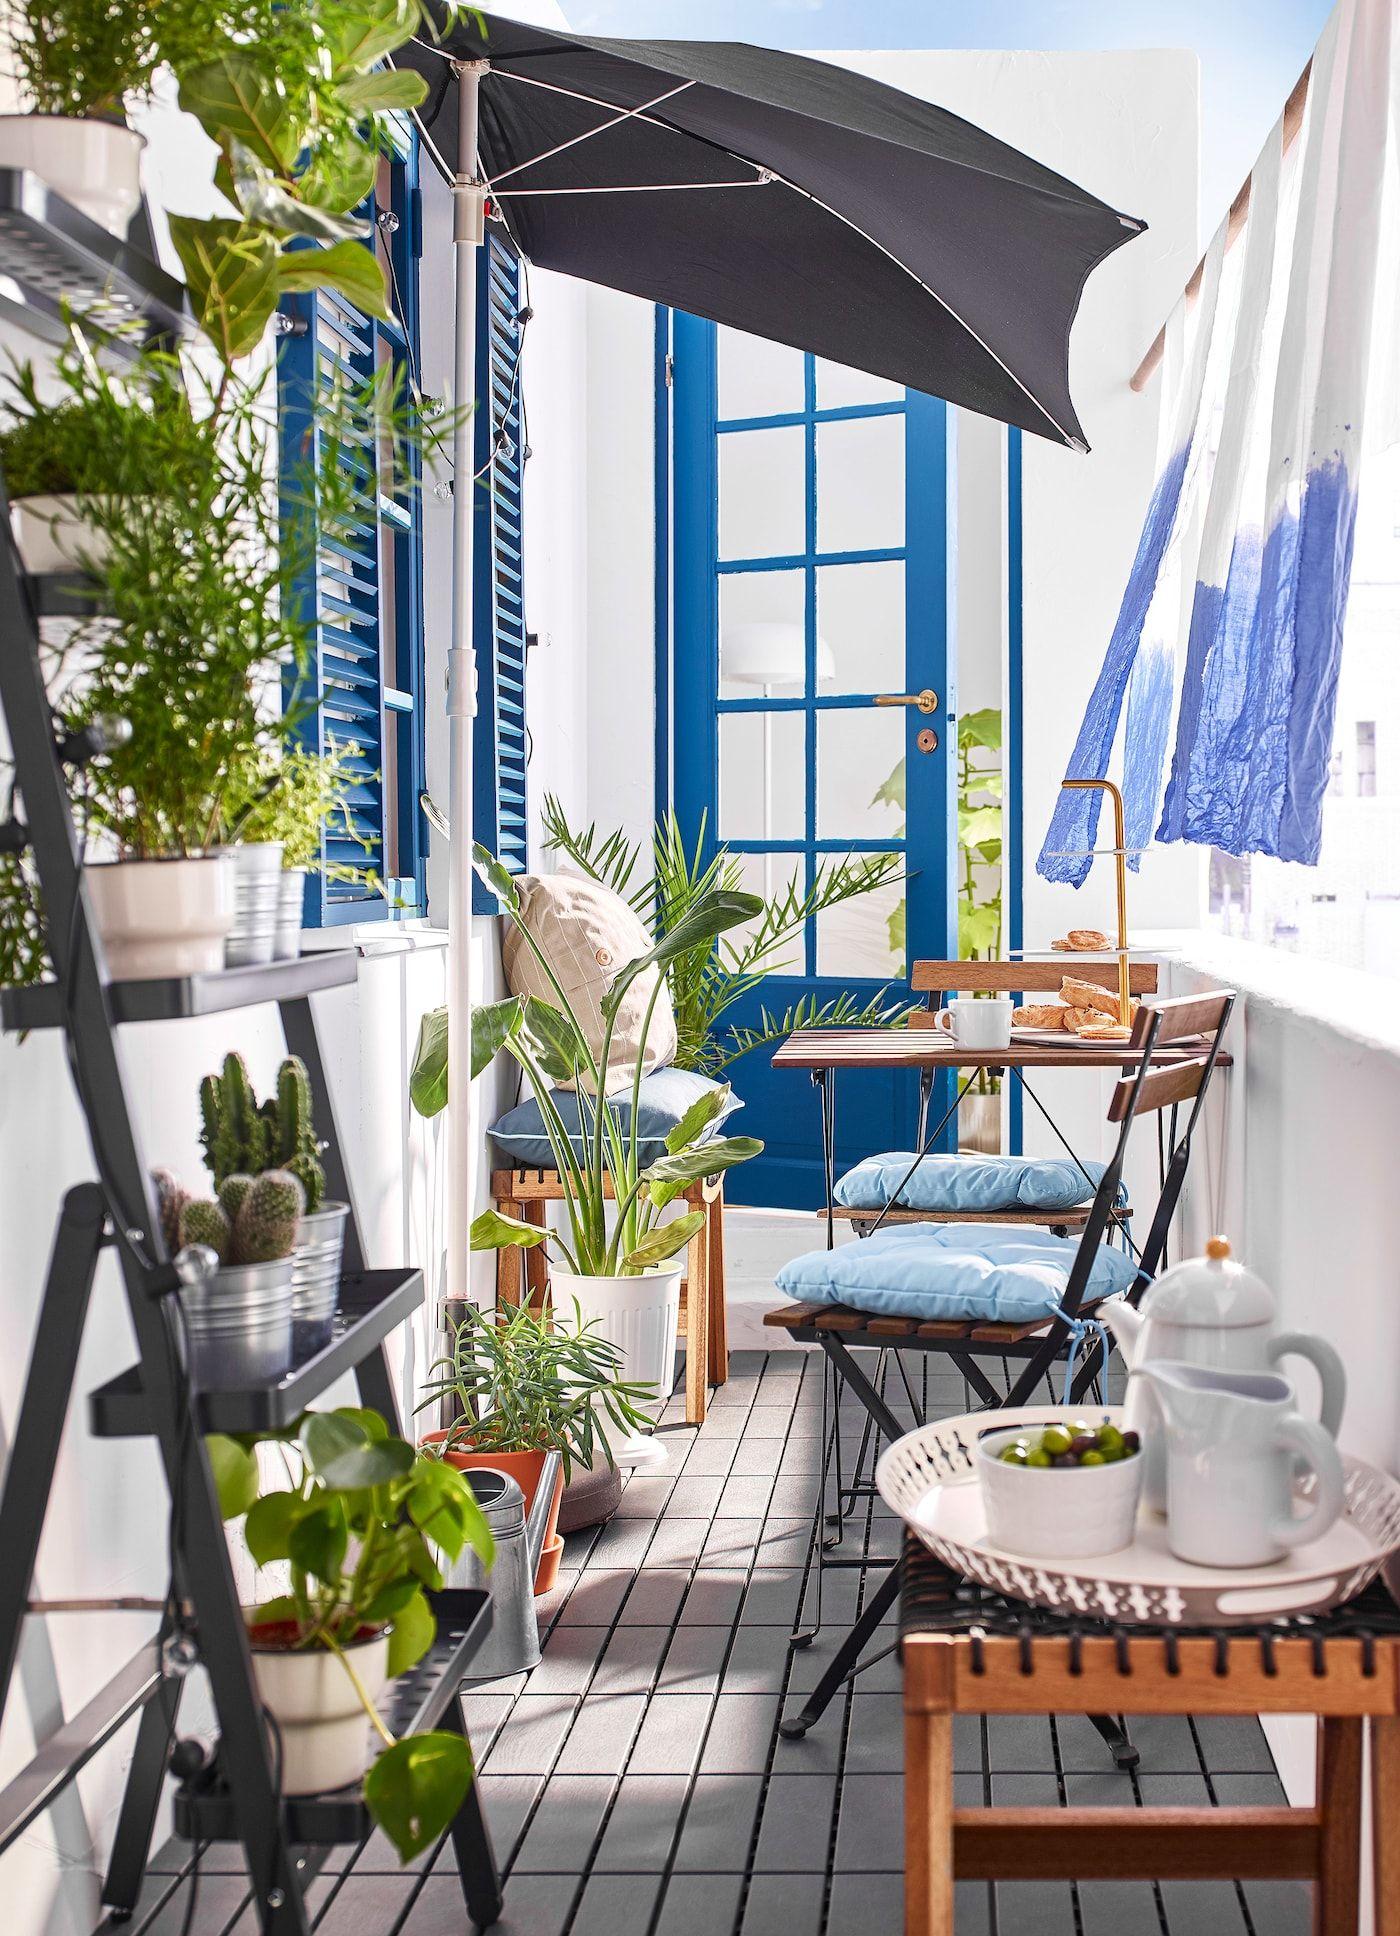 Un Exterieur Prive Pour Vous Et Quelques Autres Balkon Dekor Sonnenschirm Draussenzimmer